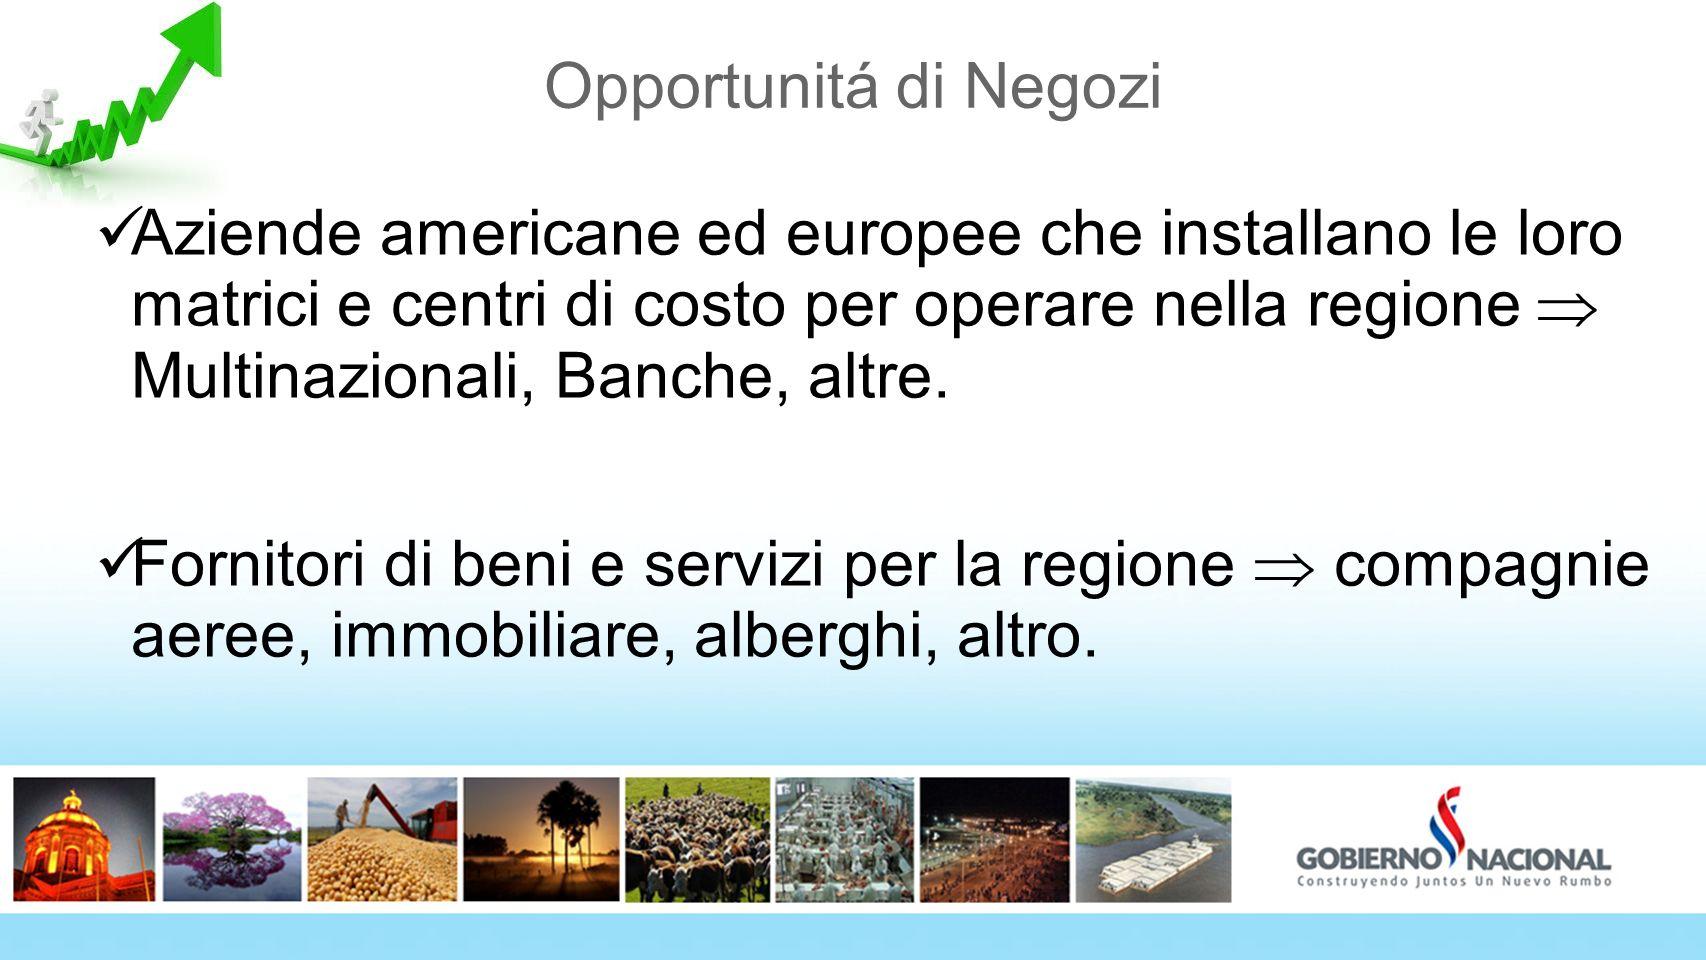 Opportunitá di Negozi Aziende americane ed europee che installano le loro matrici e centri di costo per operare nella regione Multinazionali, Banche,